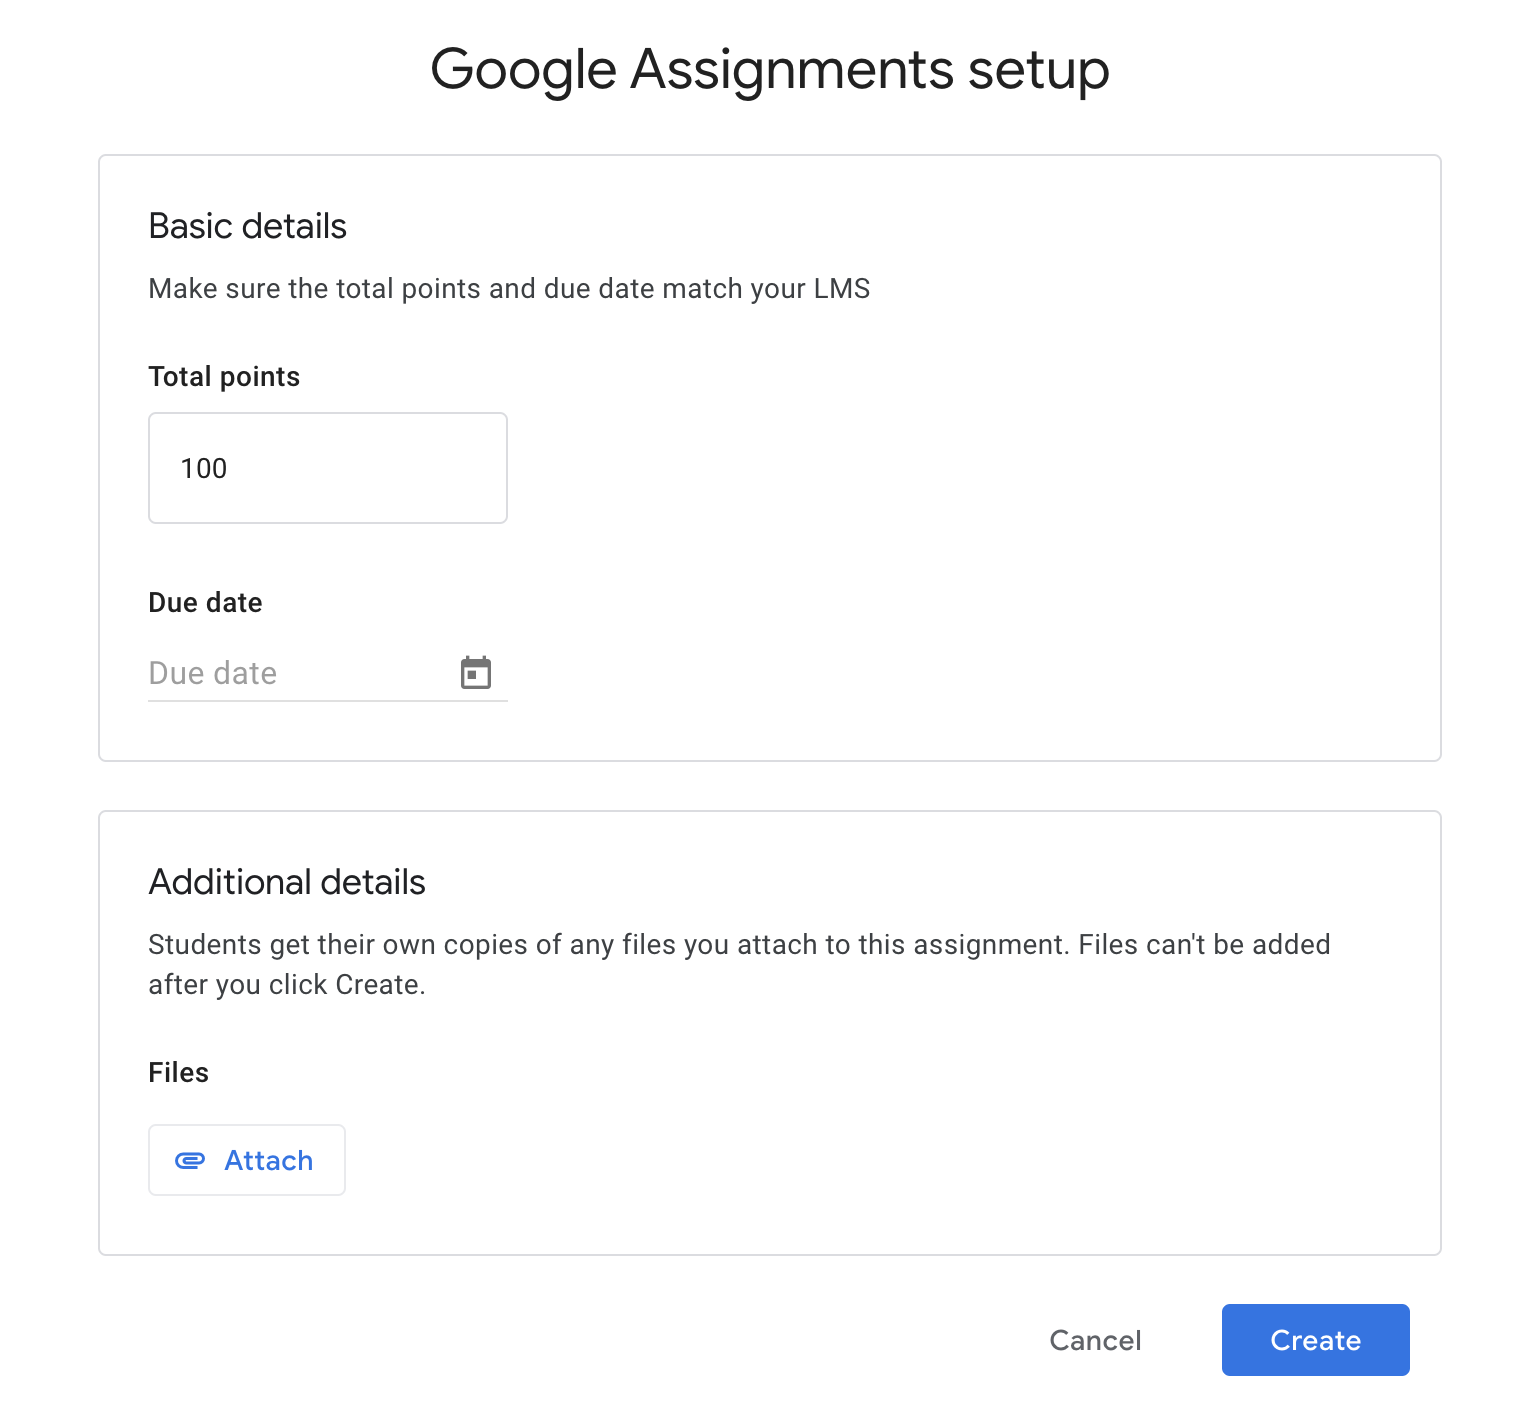 Google Assignment set up